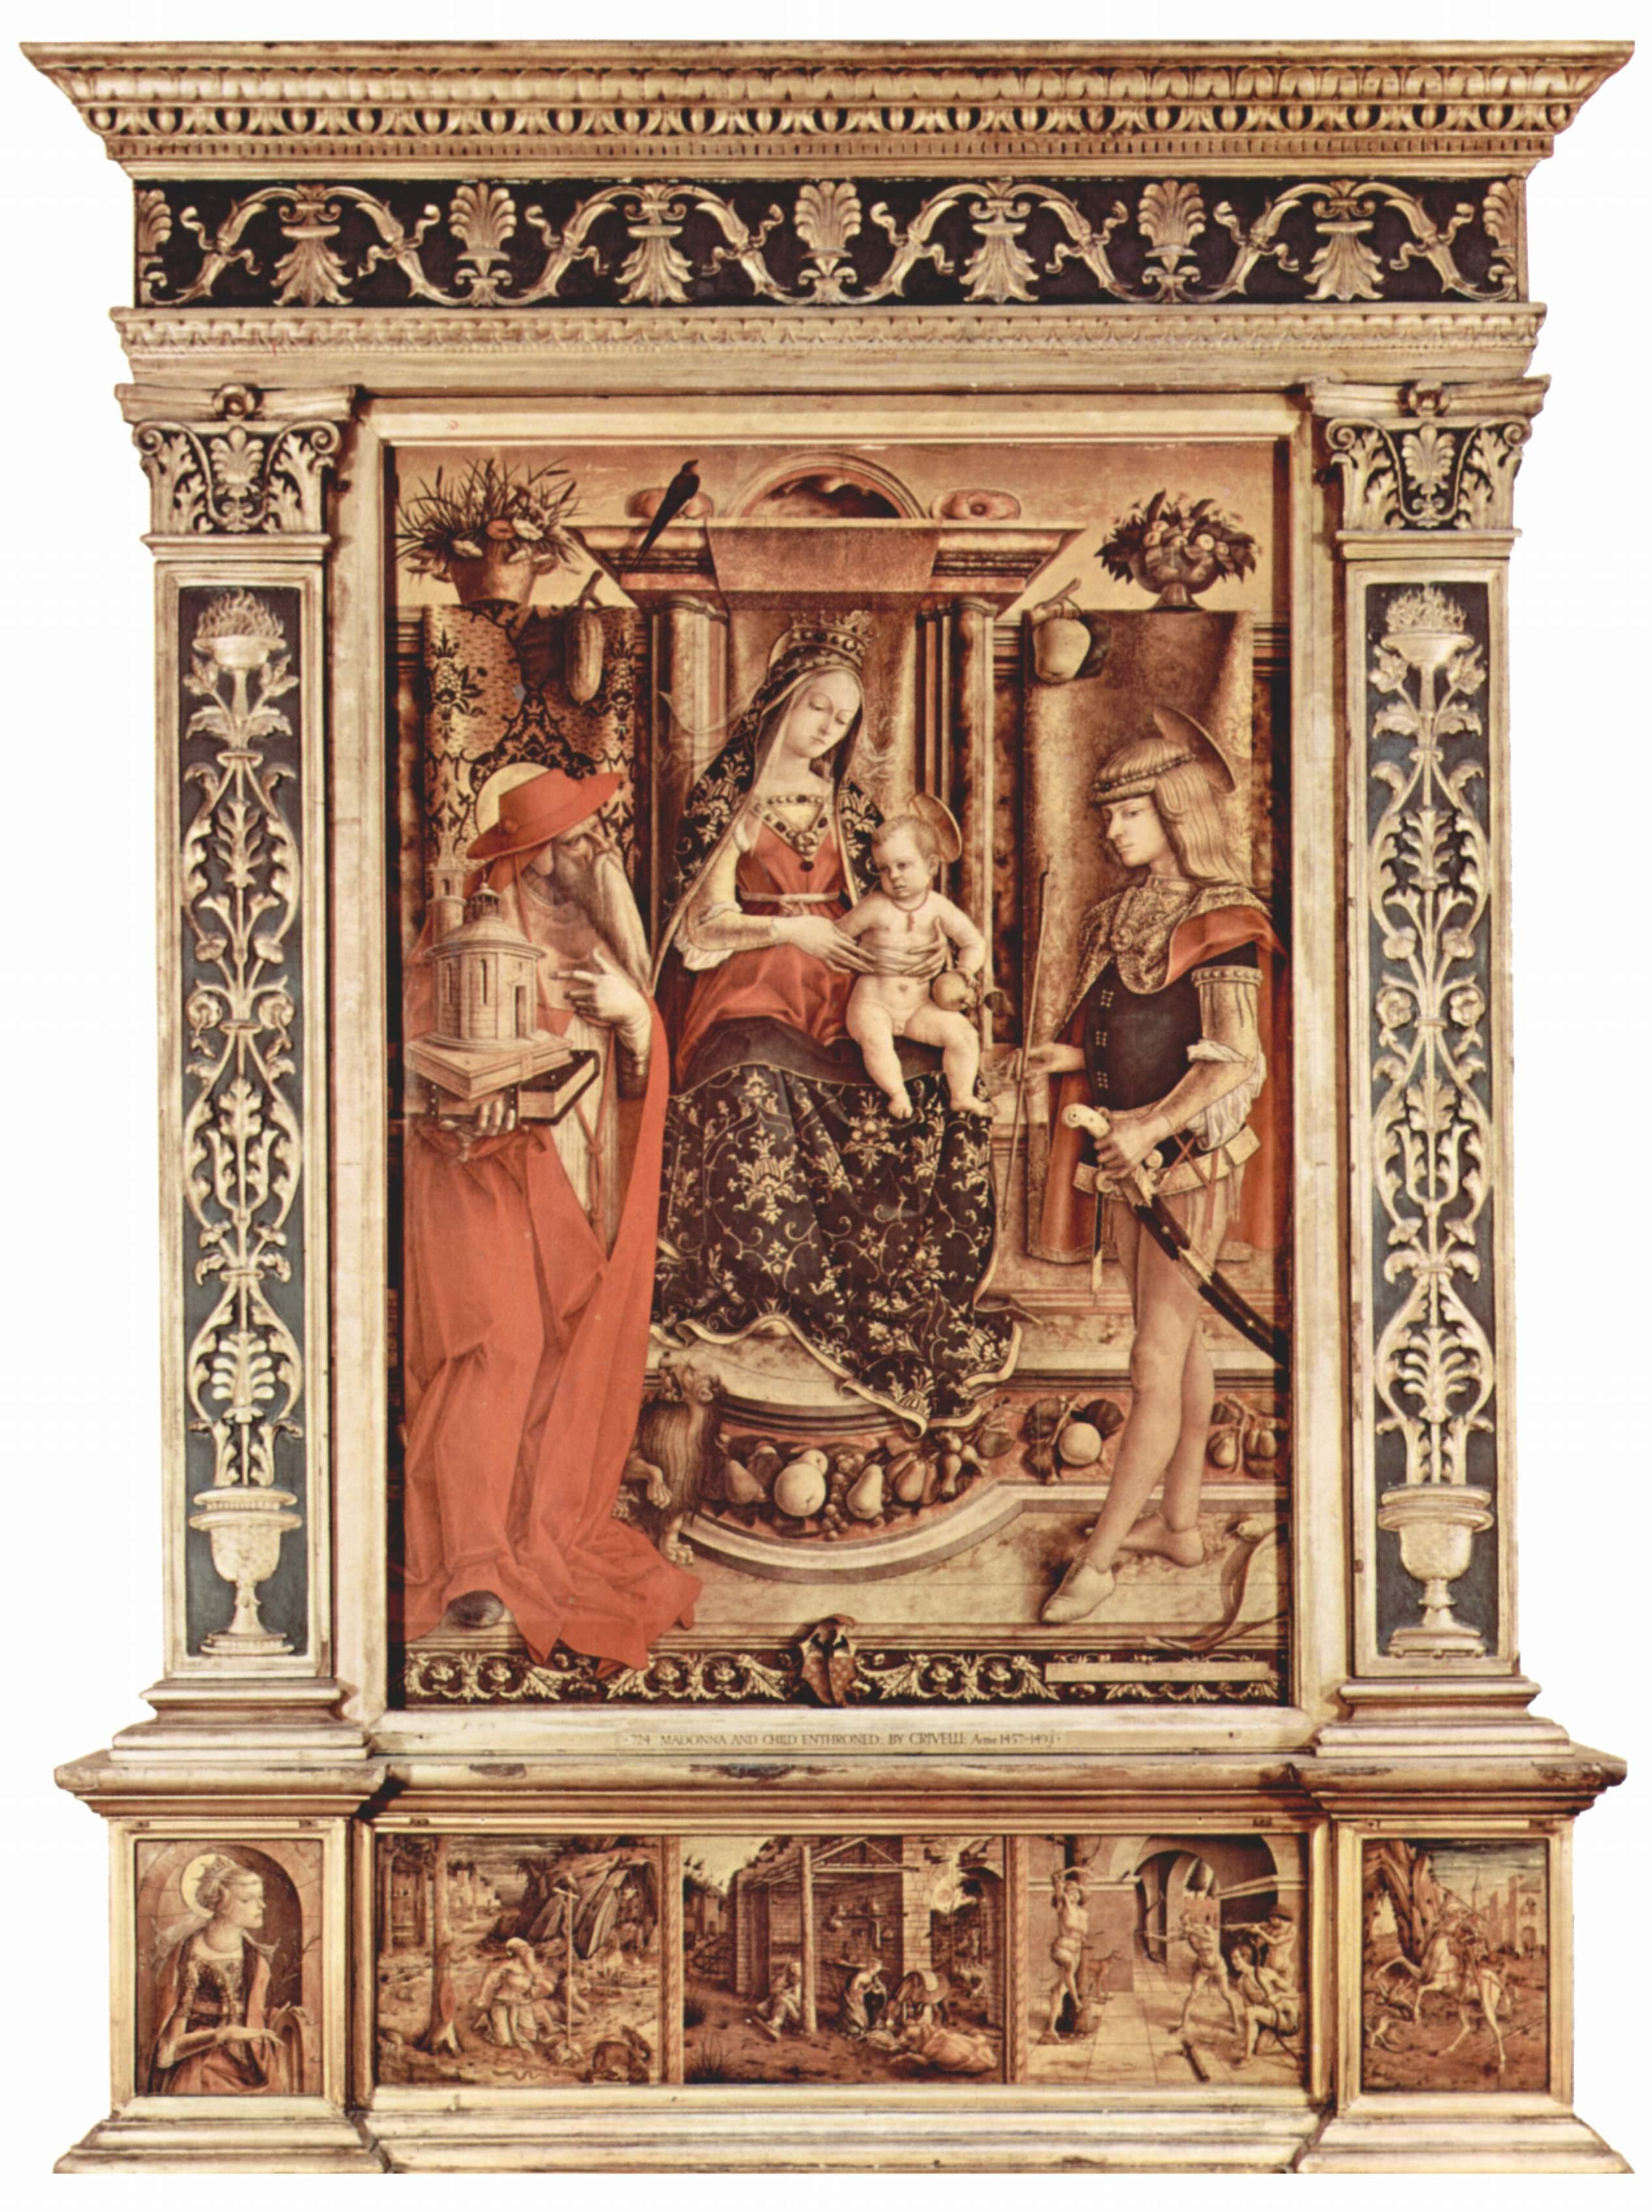 Алтарь семьи Одони, общий вид, центральное изображение  Мадонна на троне, св. Иероним и св. Себастьян, Карло Кривелли